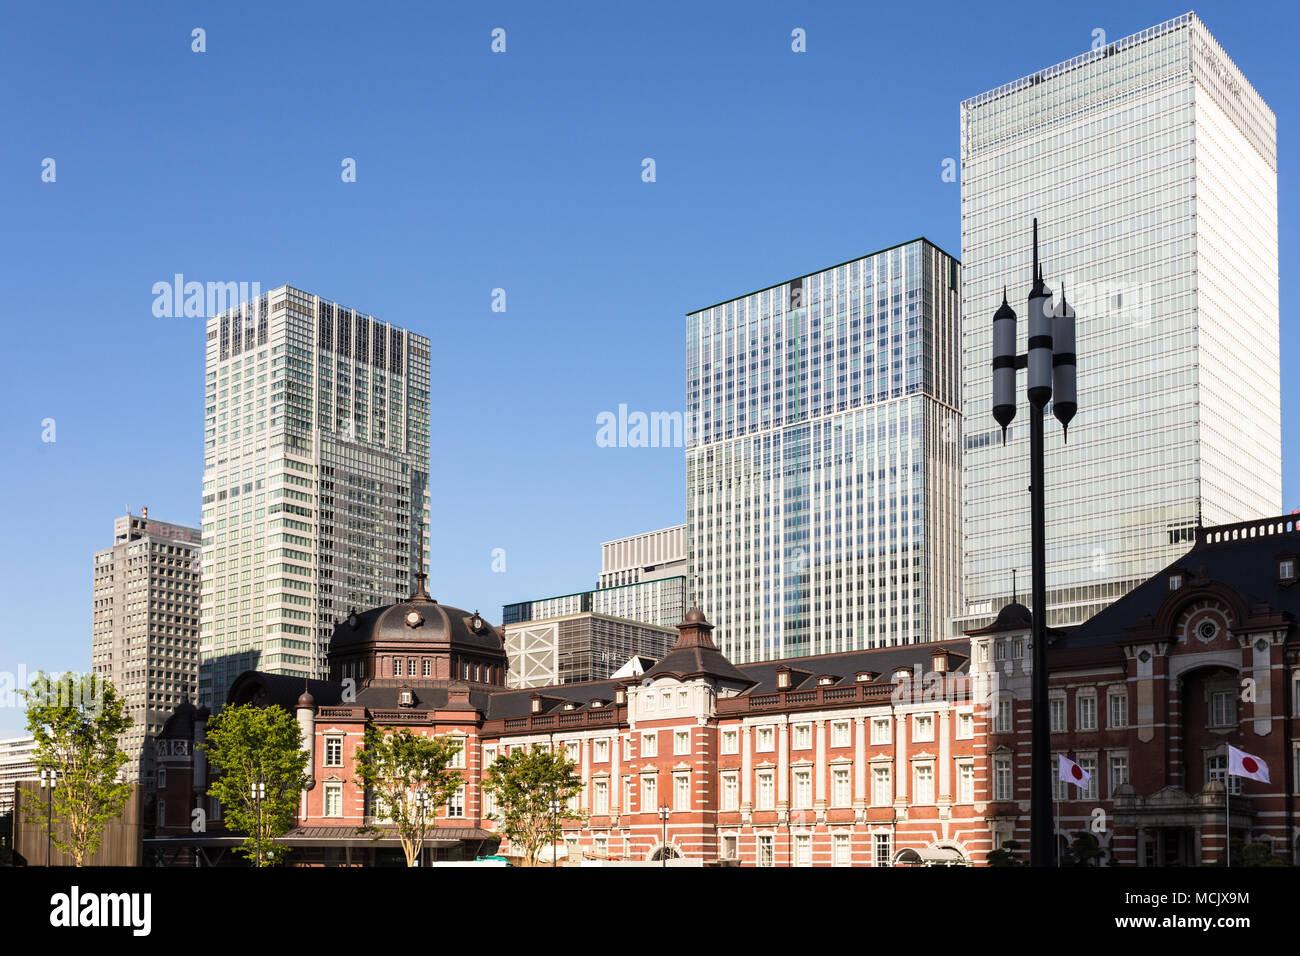 Modernes b rohaus stockfotos modernes b rohaus bilder - Architektur tokyo ...